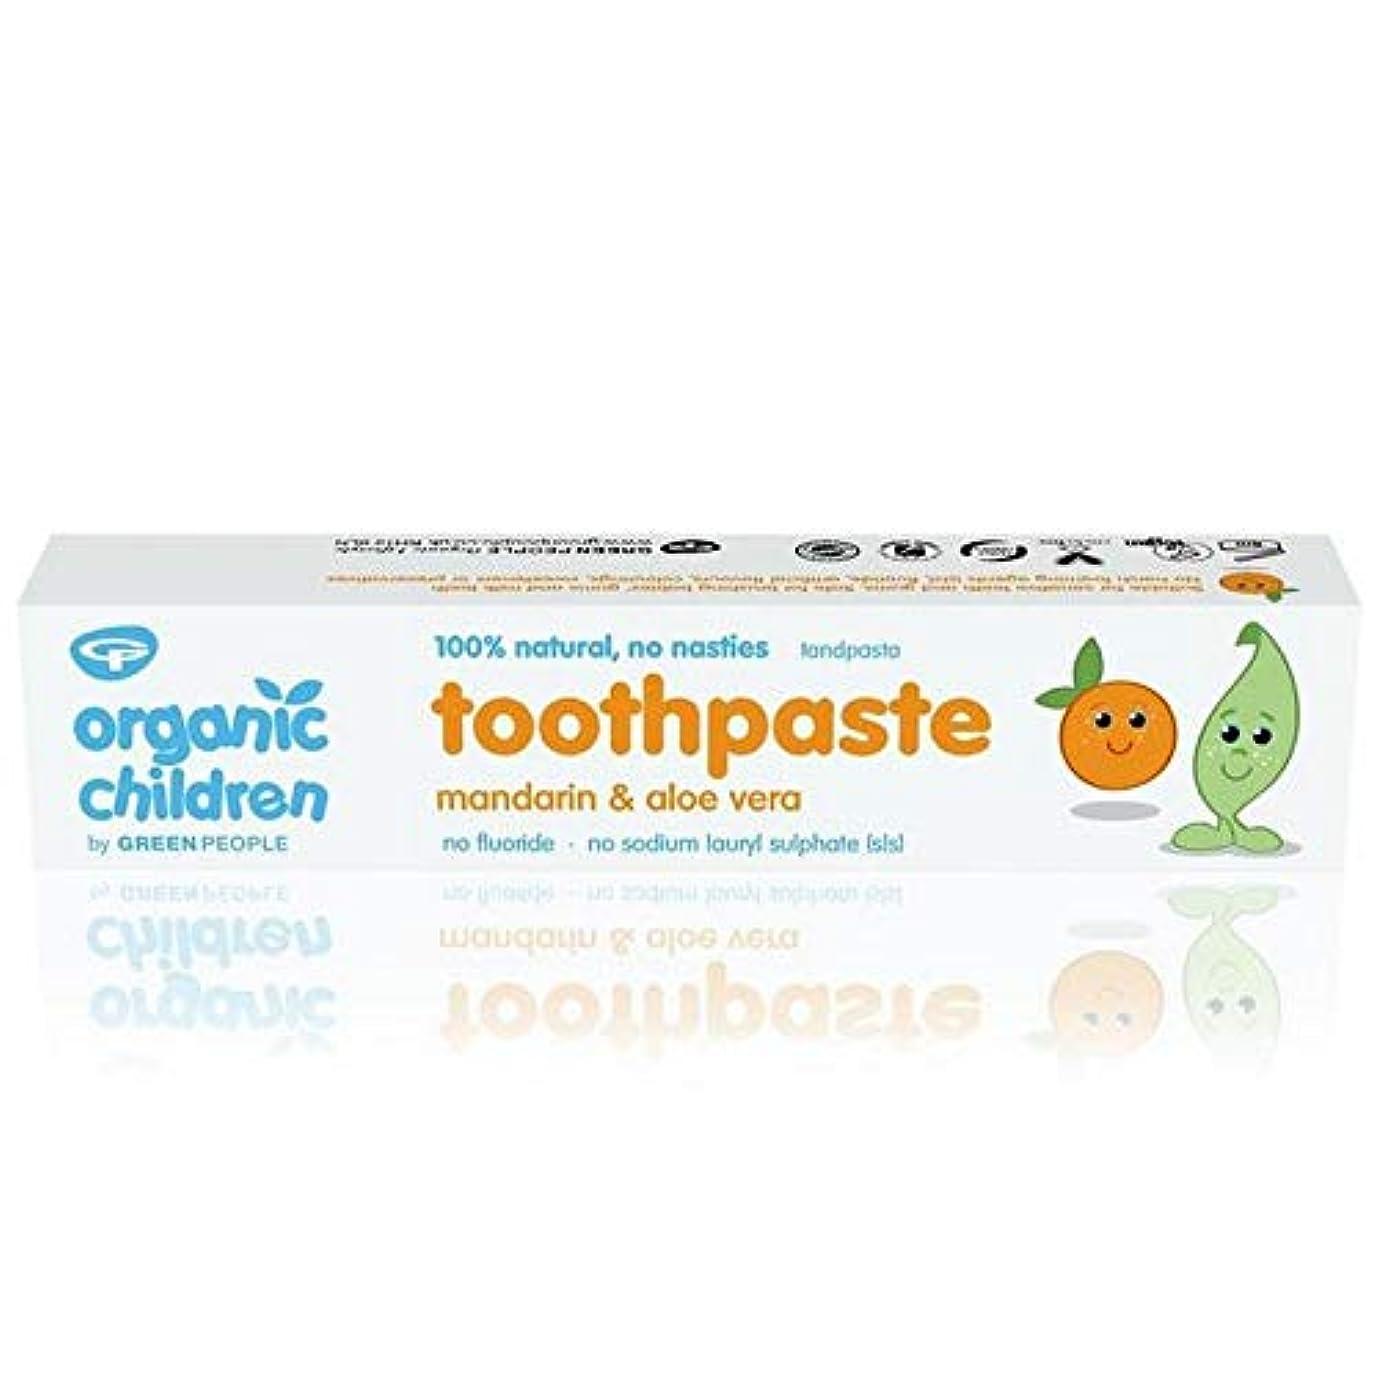 増幅忘れる魔術師[Organic Children ] 有機子供の歯磨き粉、マンダリン50ミリリットル - Organic Children Toothpaste, Mandarin 50ml [並行輸入品]